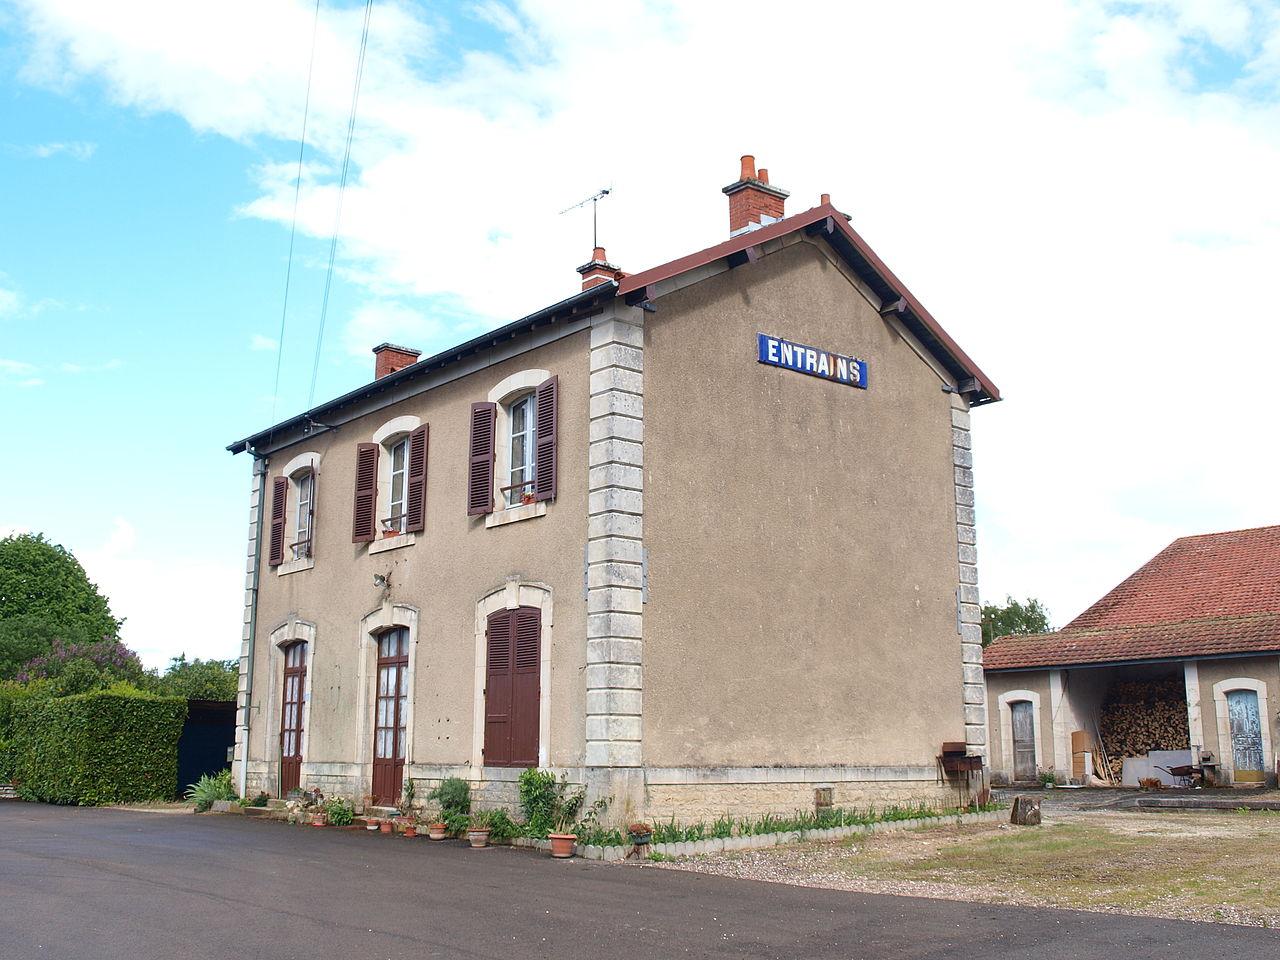 entrains sur nohain singles Entrains-sur-nohain település franciaországban, nièvre megyében lakosainak száma 857 fő (2015) entrains-sur-nohain corvol-l'orgueilleux, étais-la-sauvin.